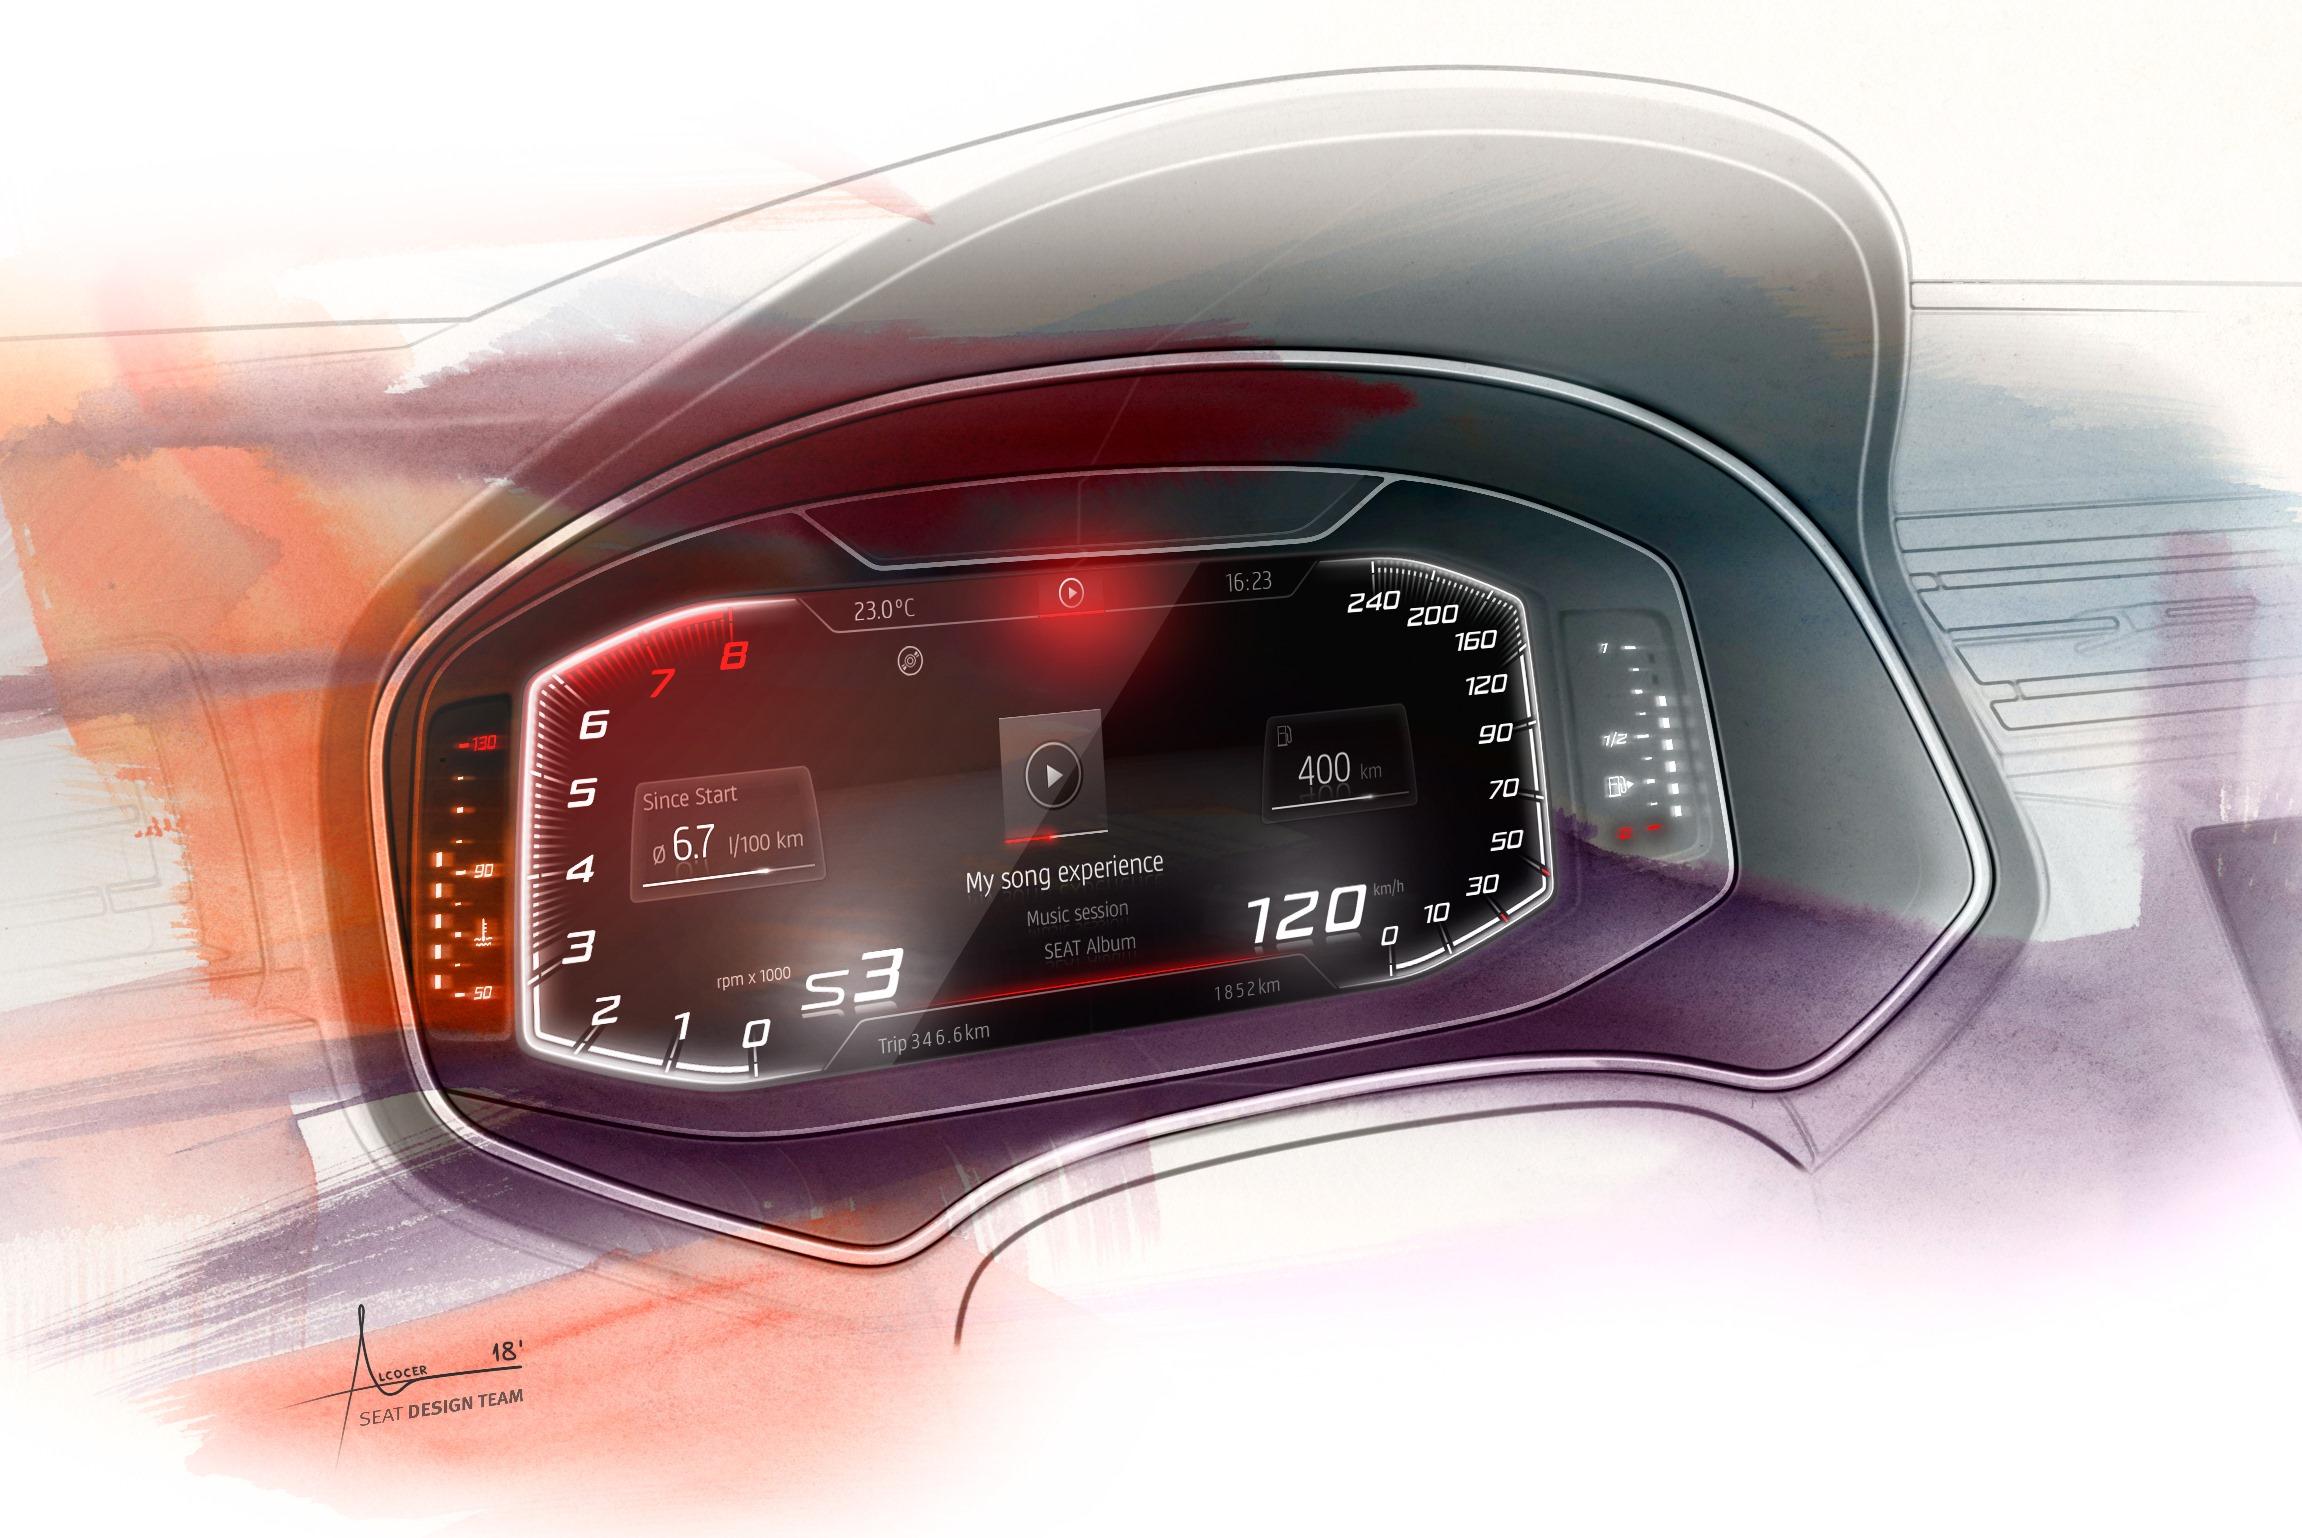 У автомобилей Seat Arona и Ibiza появится цифровая приборная панель